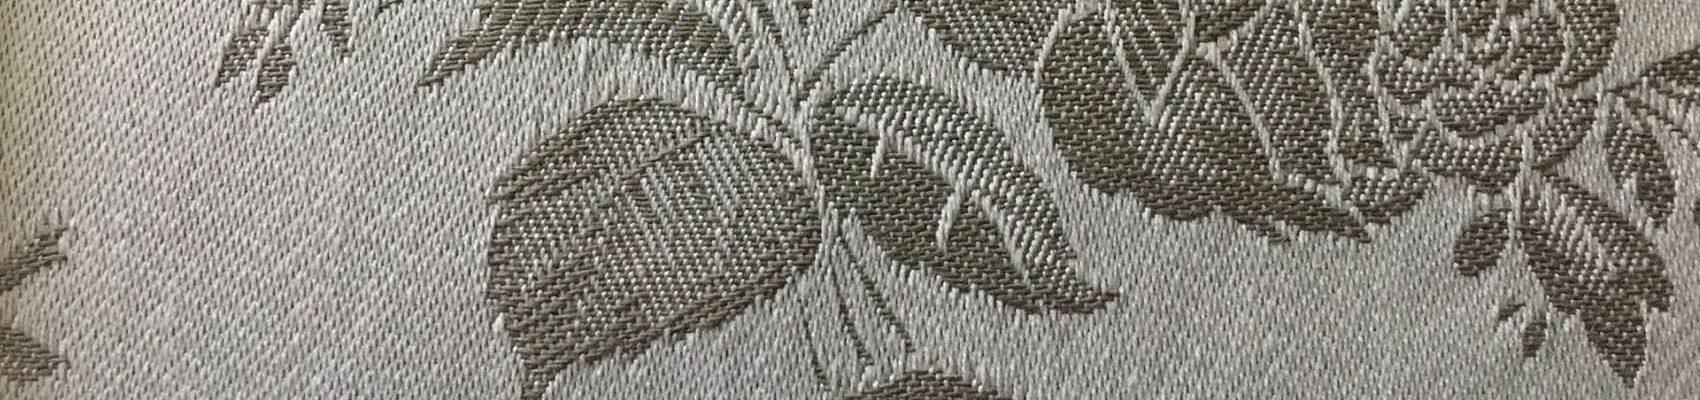 Broderie sur sommier et matelas de laine par la Literie Toullec